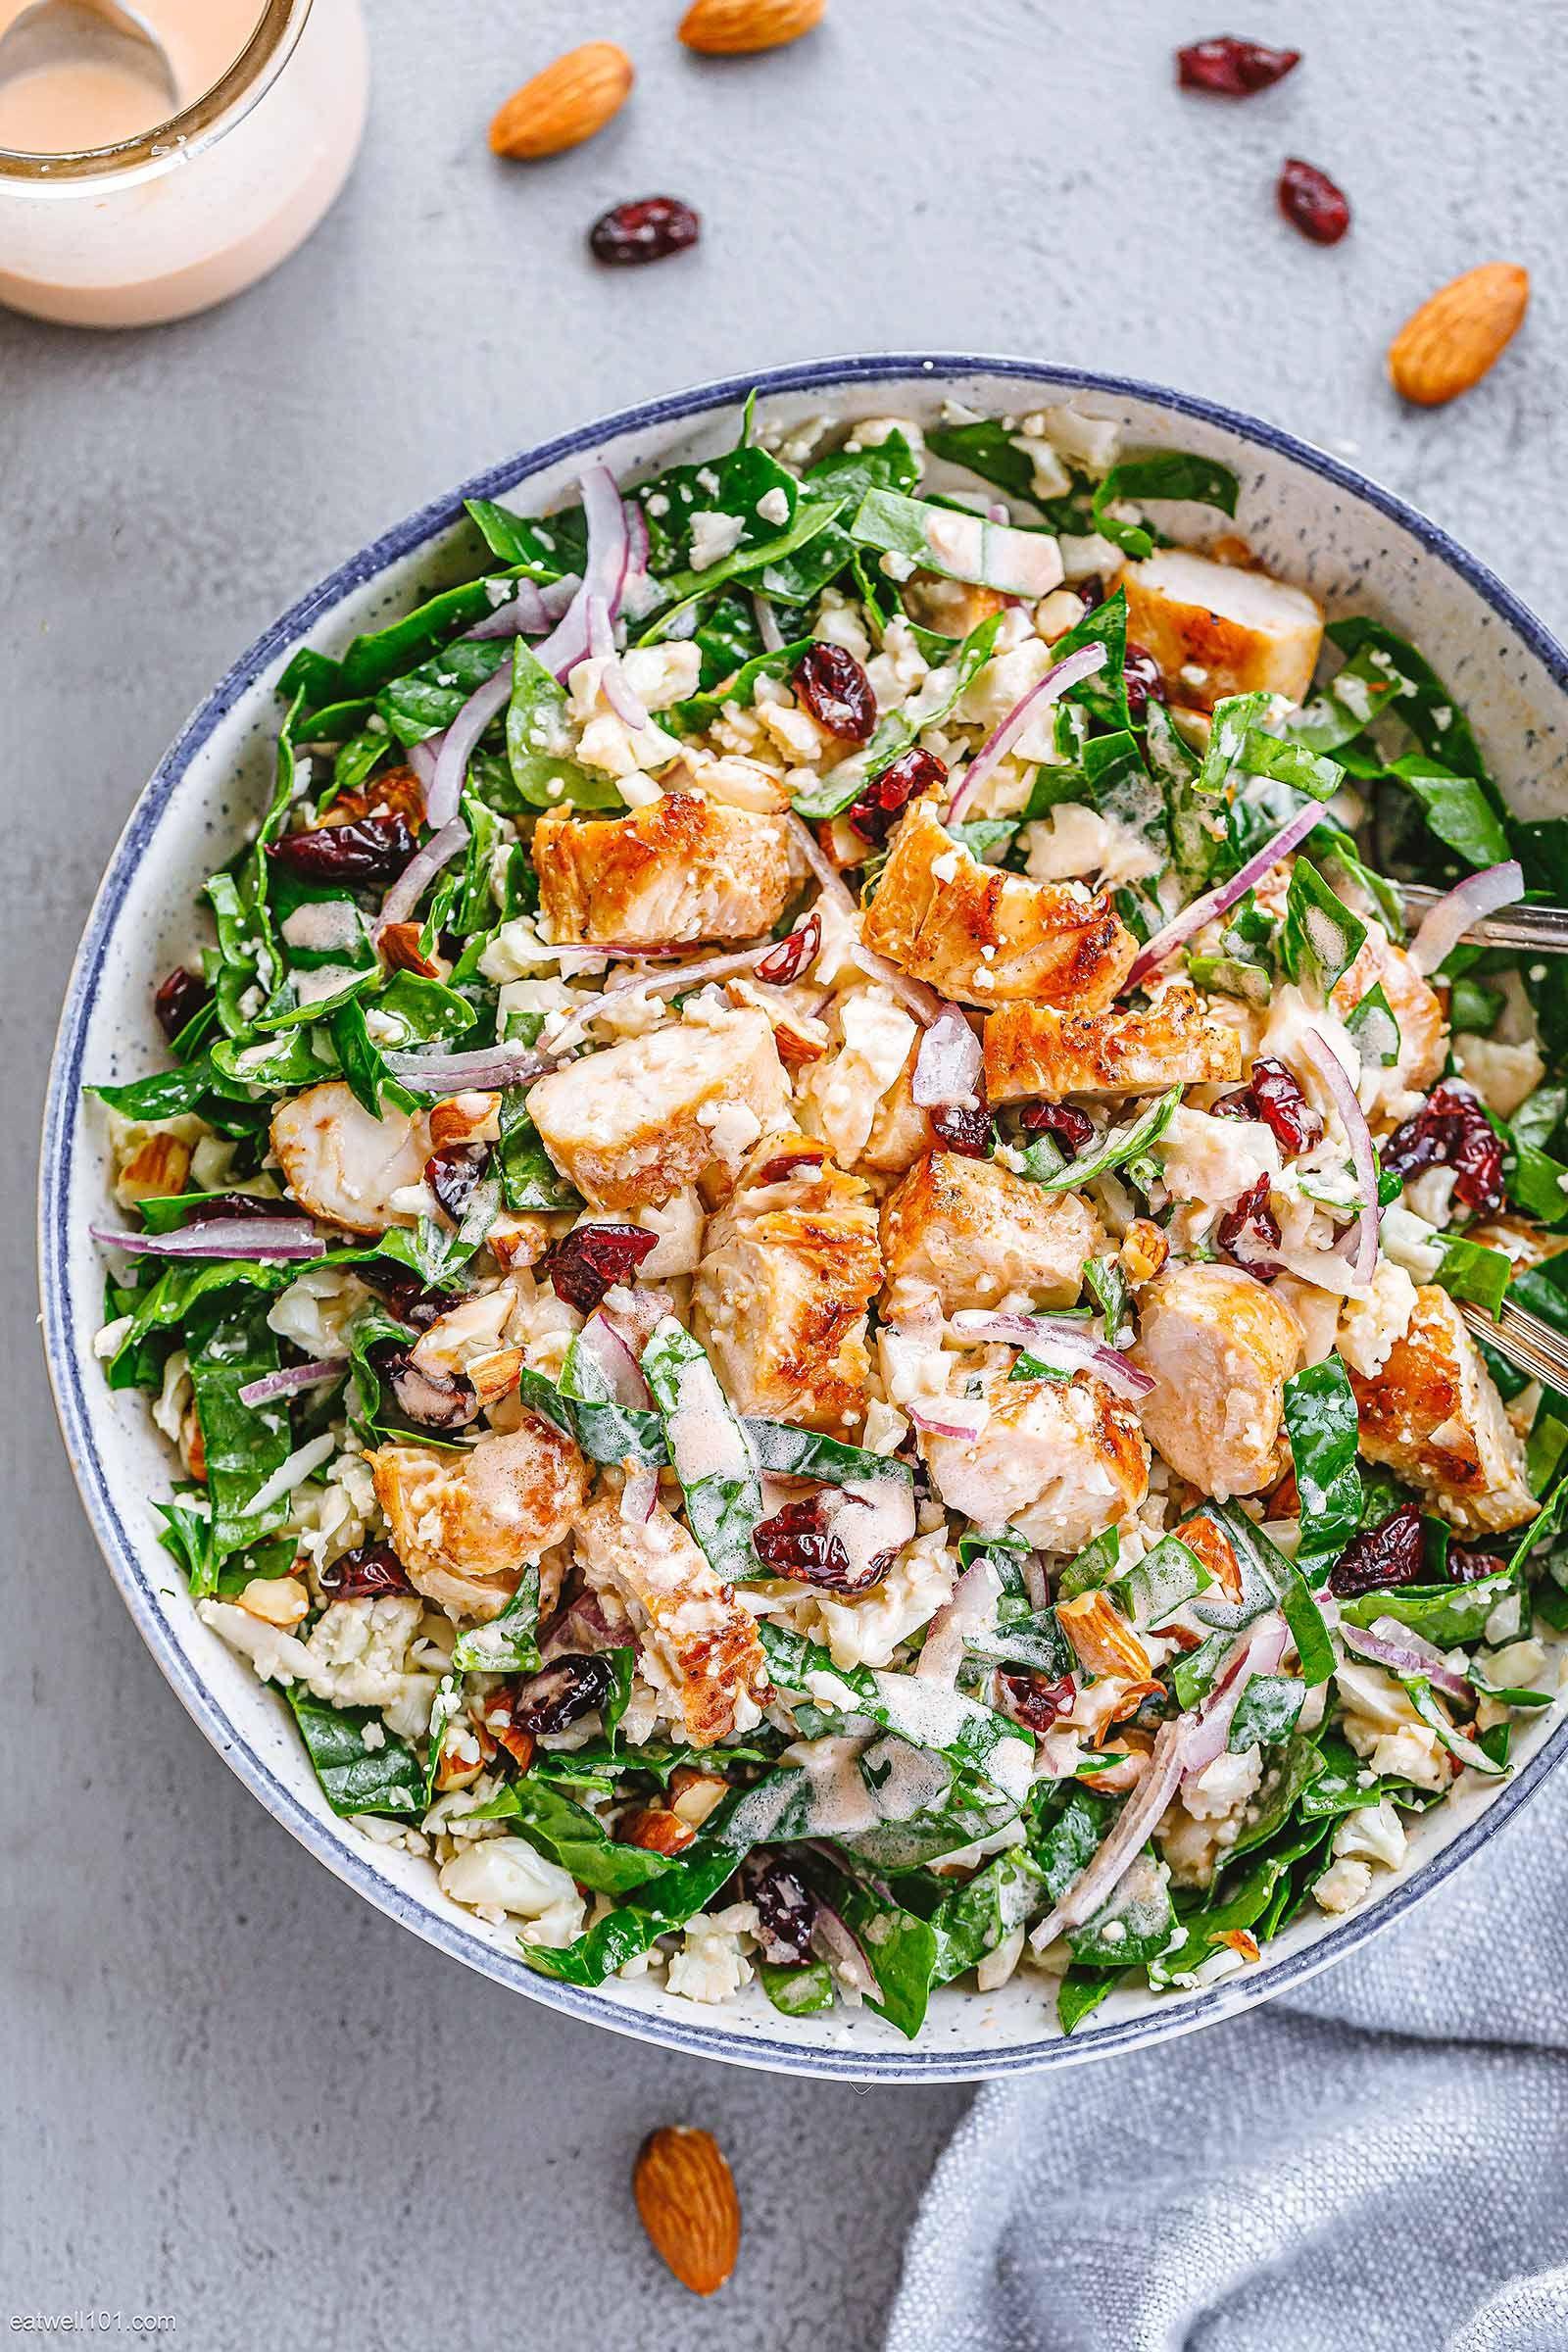 Healthy Spinach Chicken Salad With Cauliflower Chicken Salad Recipes Salad Recipes Spinach Stuffed Chicken